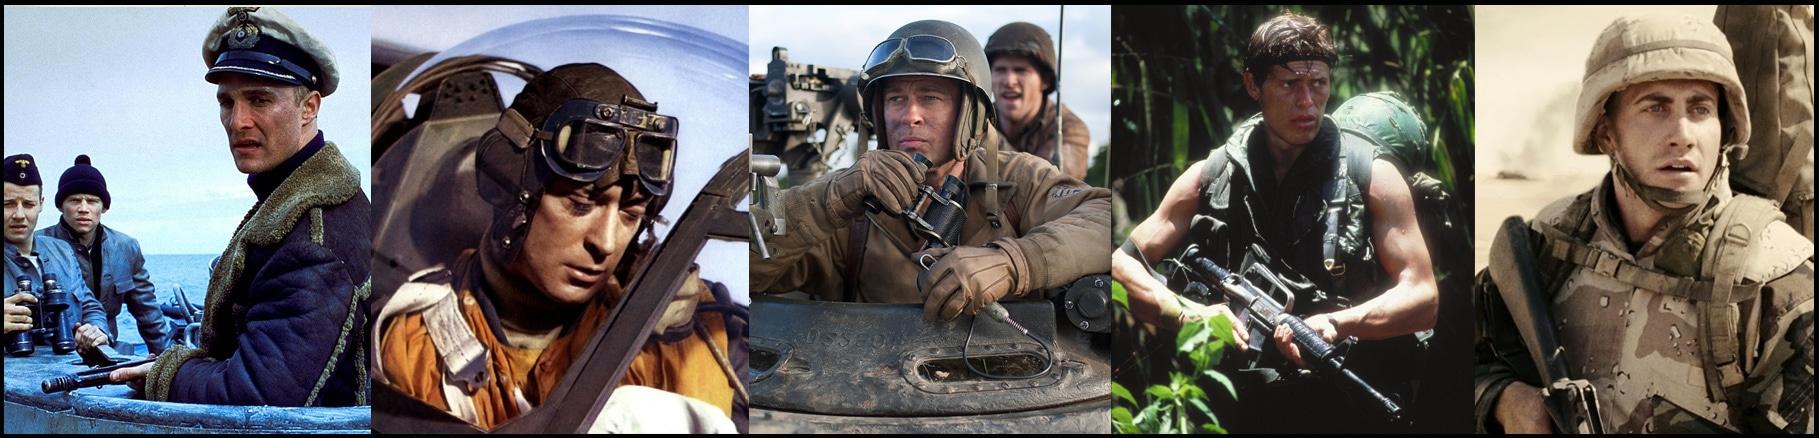 Kriegsfilm Subgenre